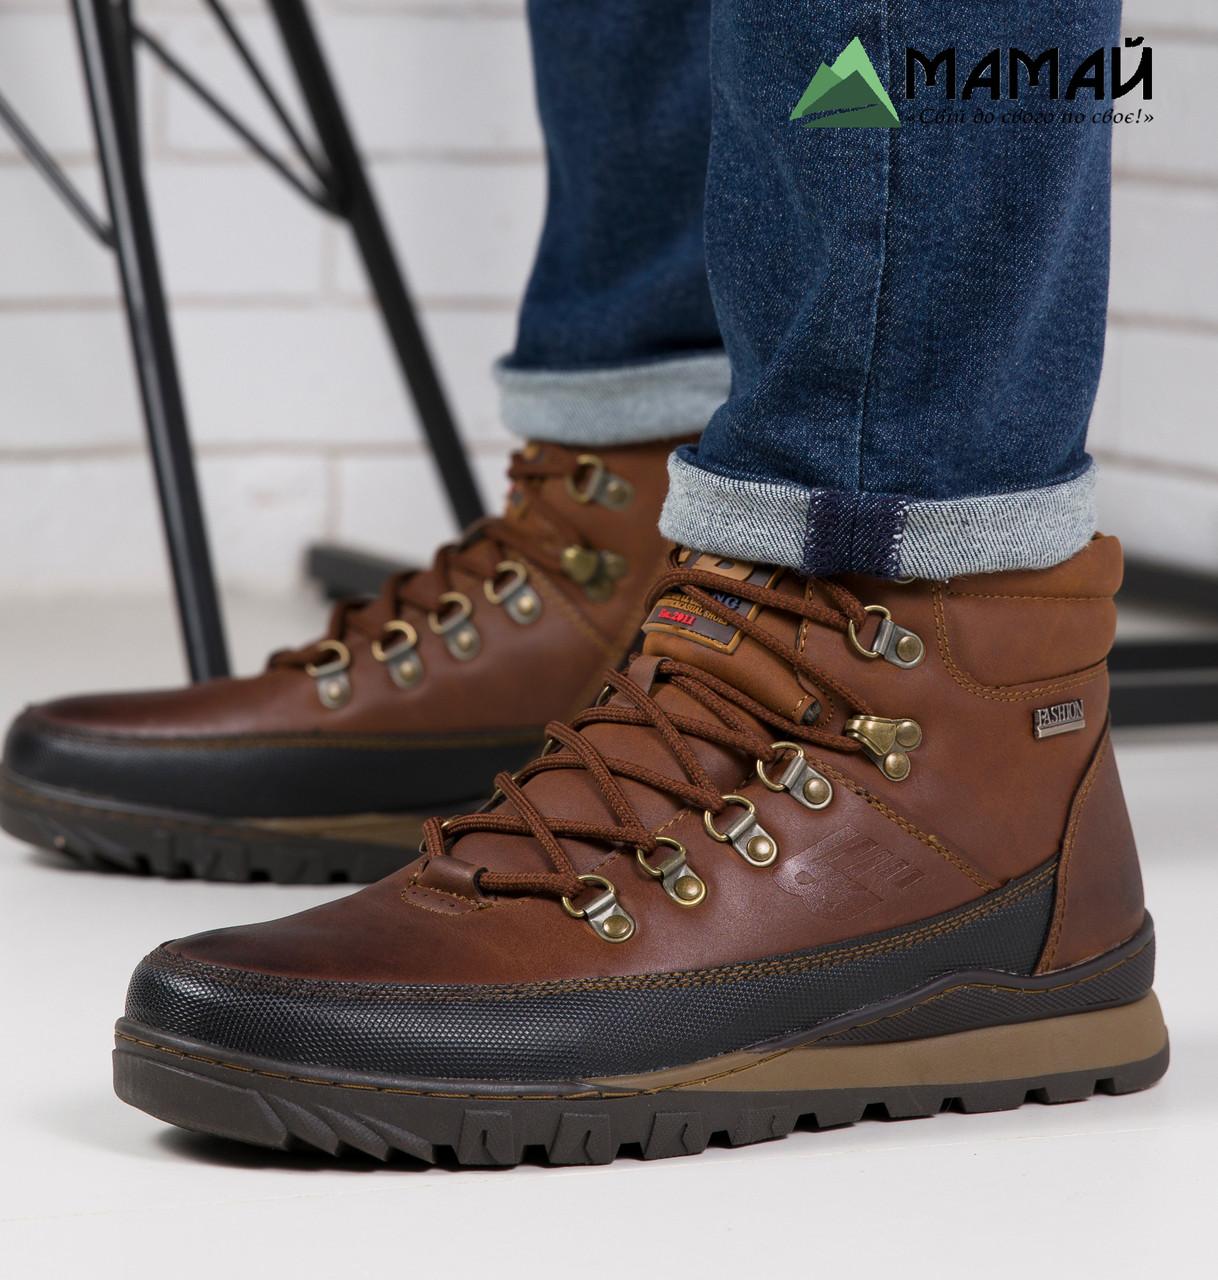 Ботинки мужские зимние на меху -20 °C 40,44р